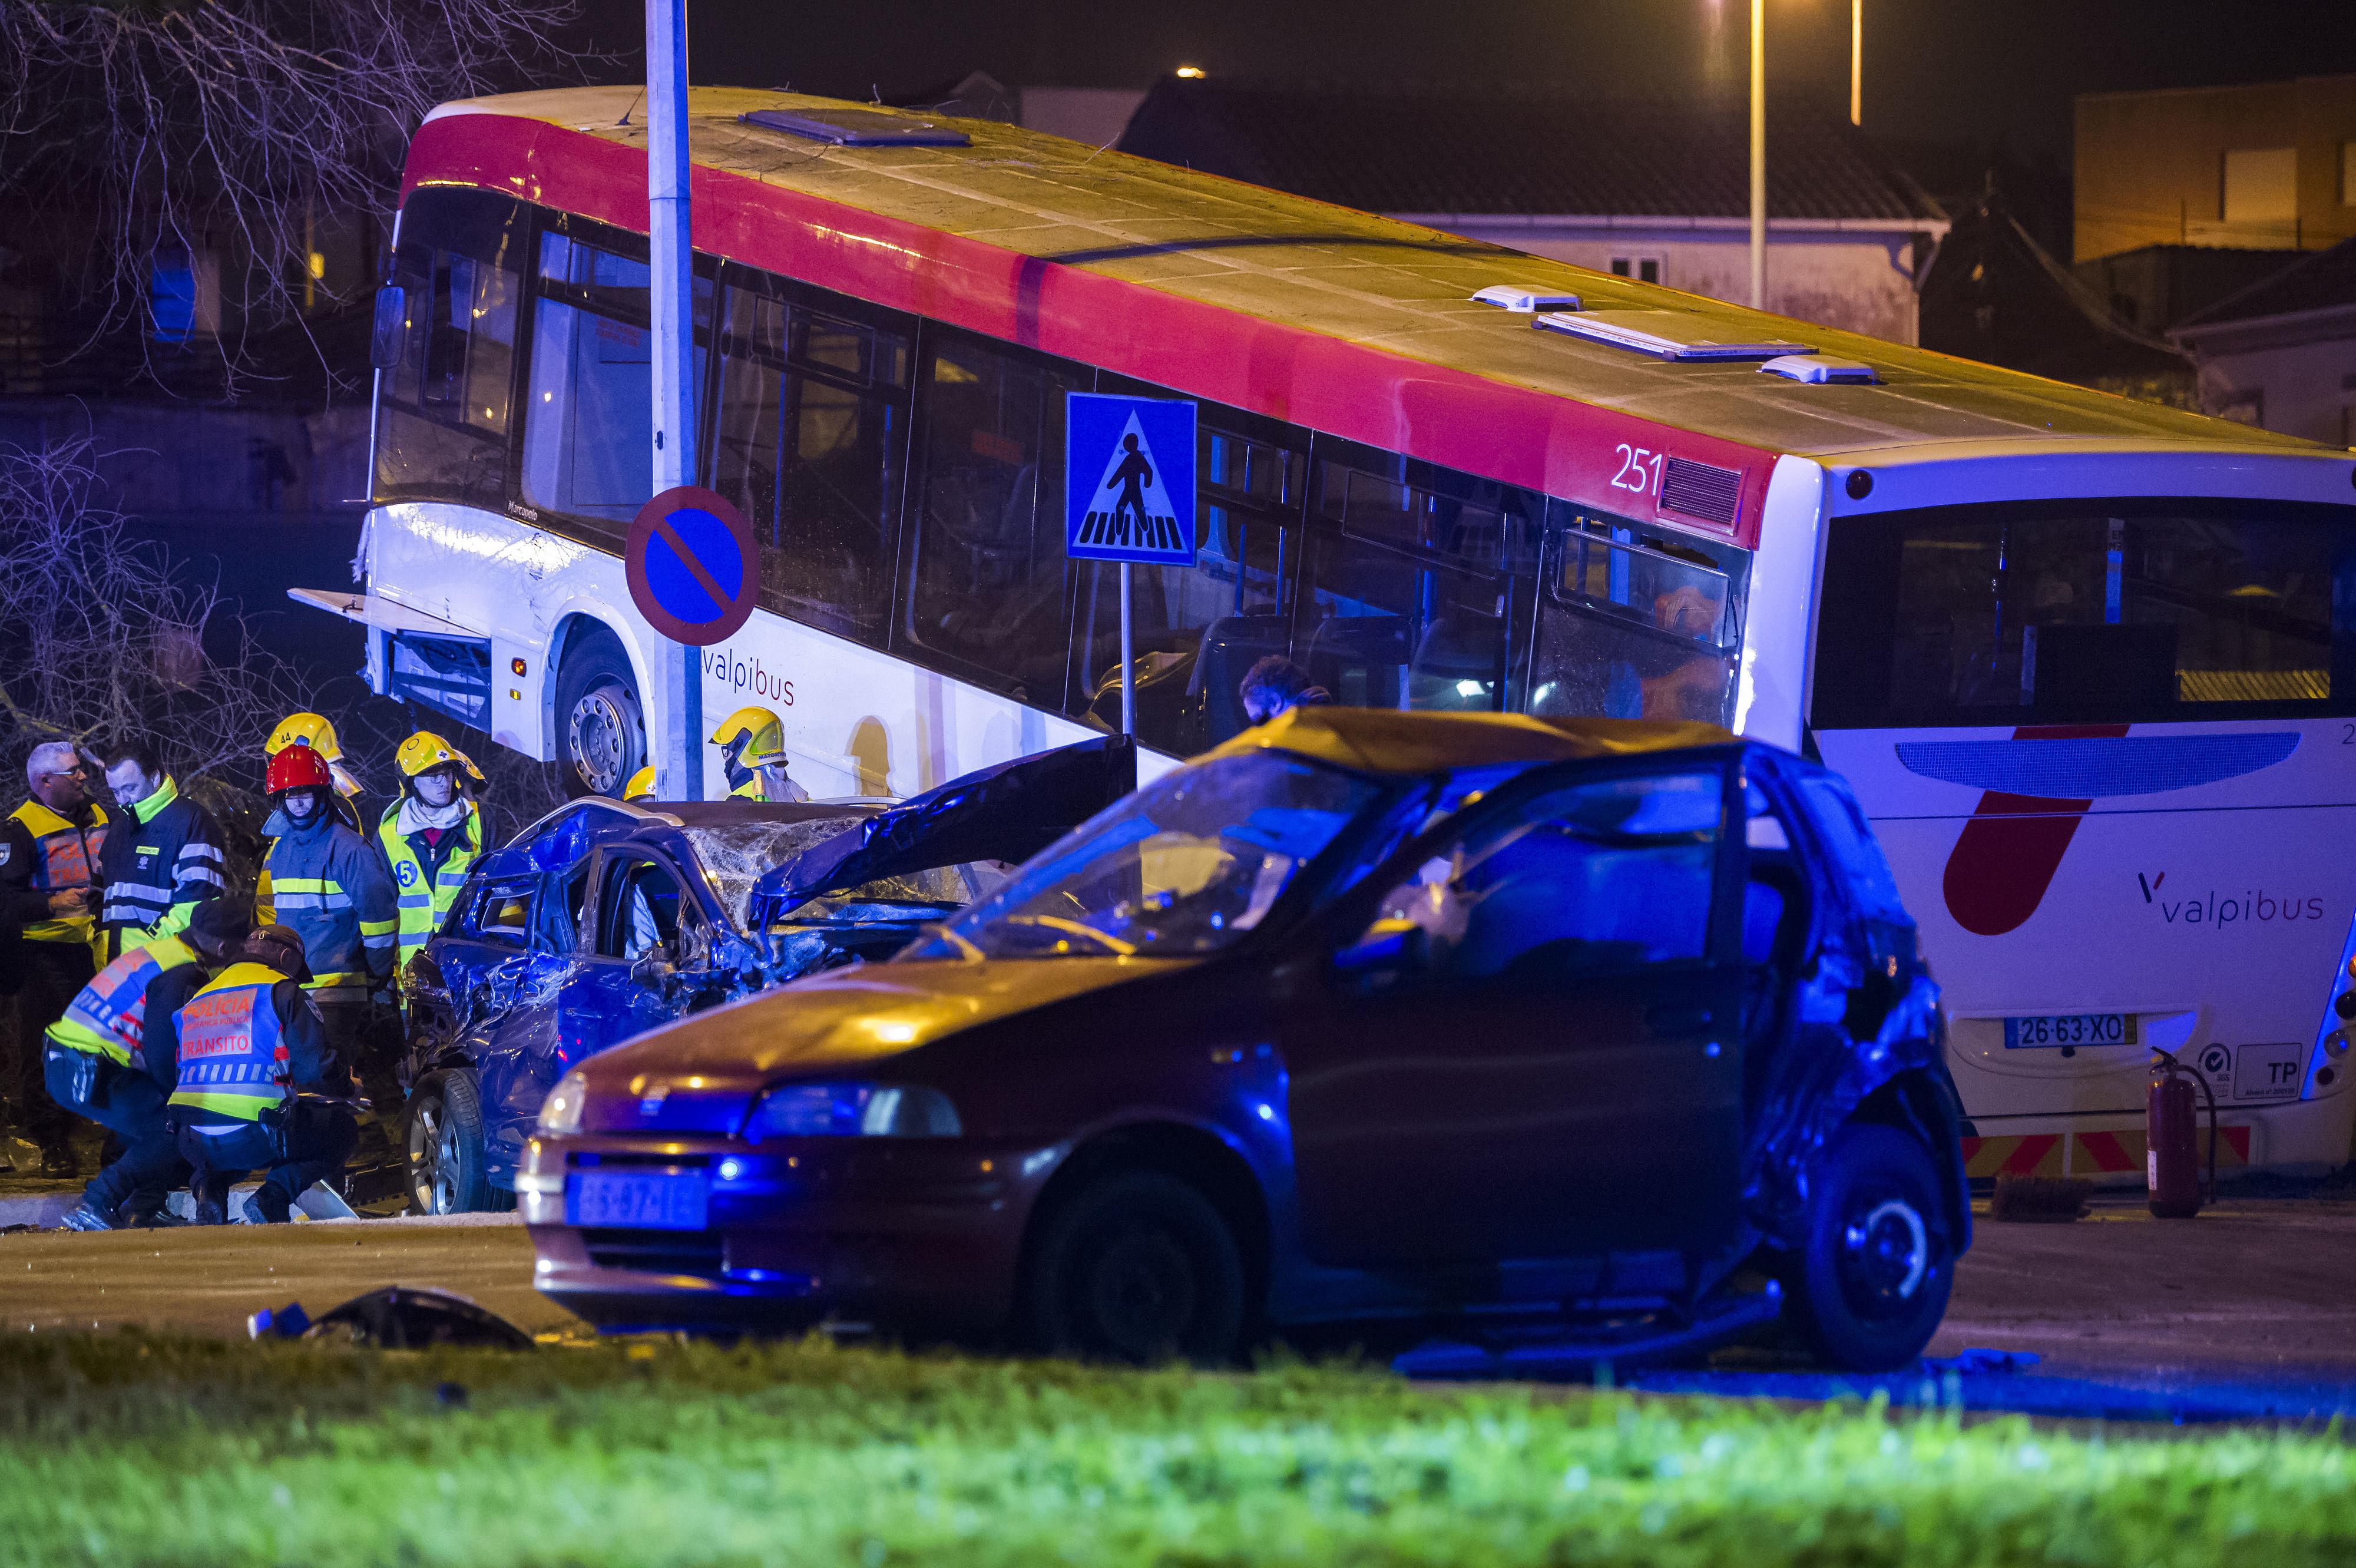 Aumenta para seis número de feridos em acidente mortal em São Mamede de Infesta